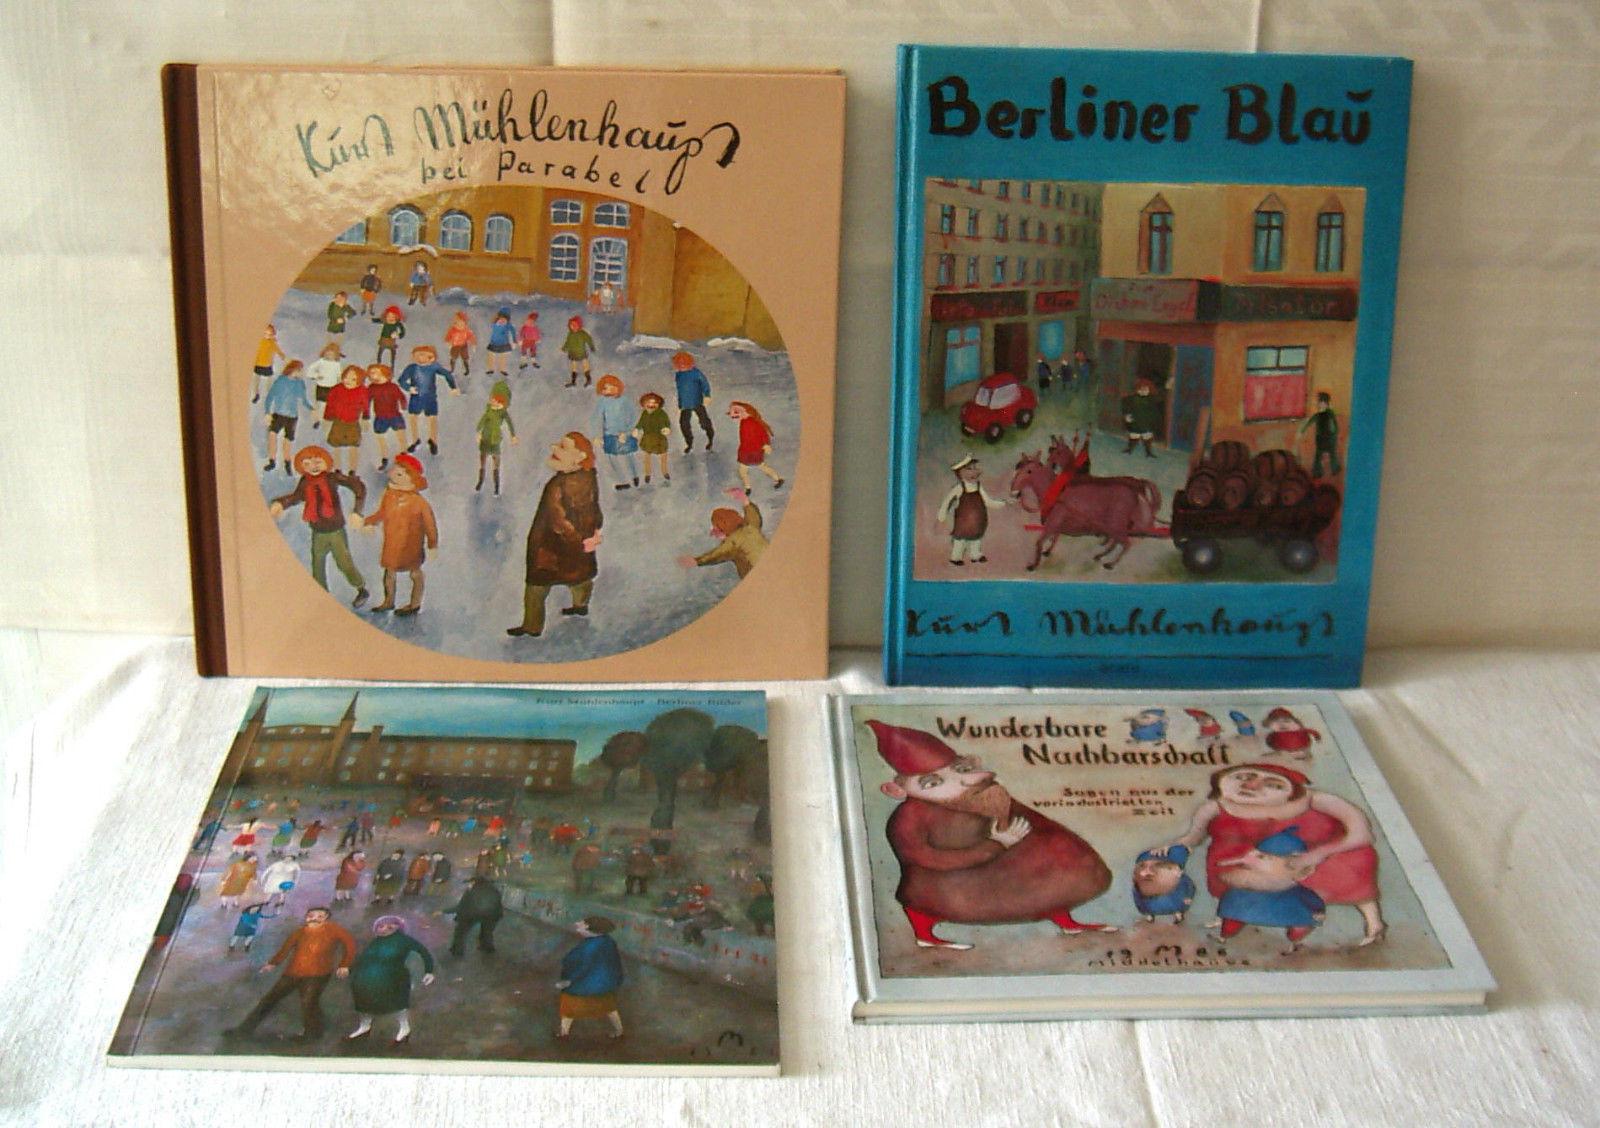 Sammlung/Konvolut 3 Bücher +1 Katalog von Kurt Mühlenhaupt, 1 sign.+1 nummer.